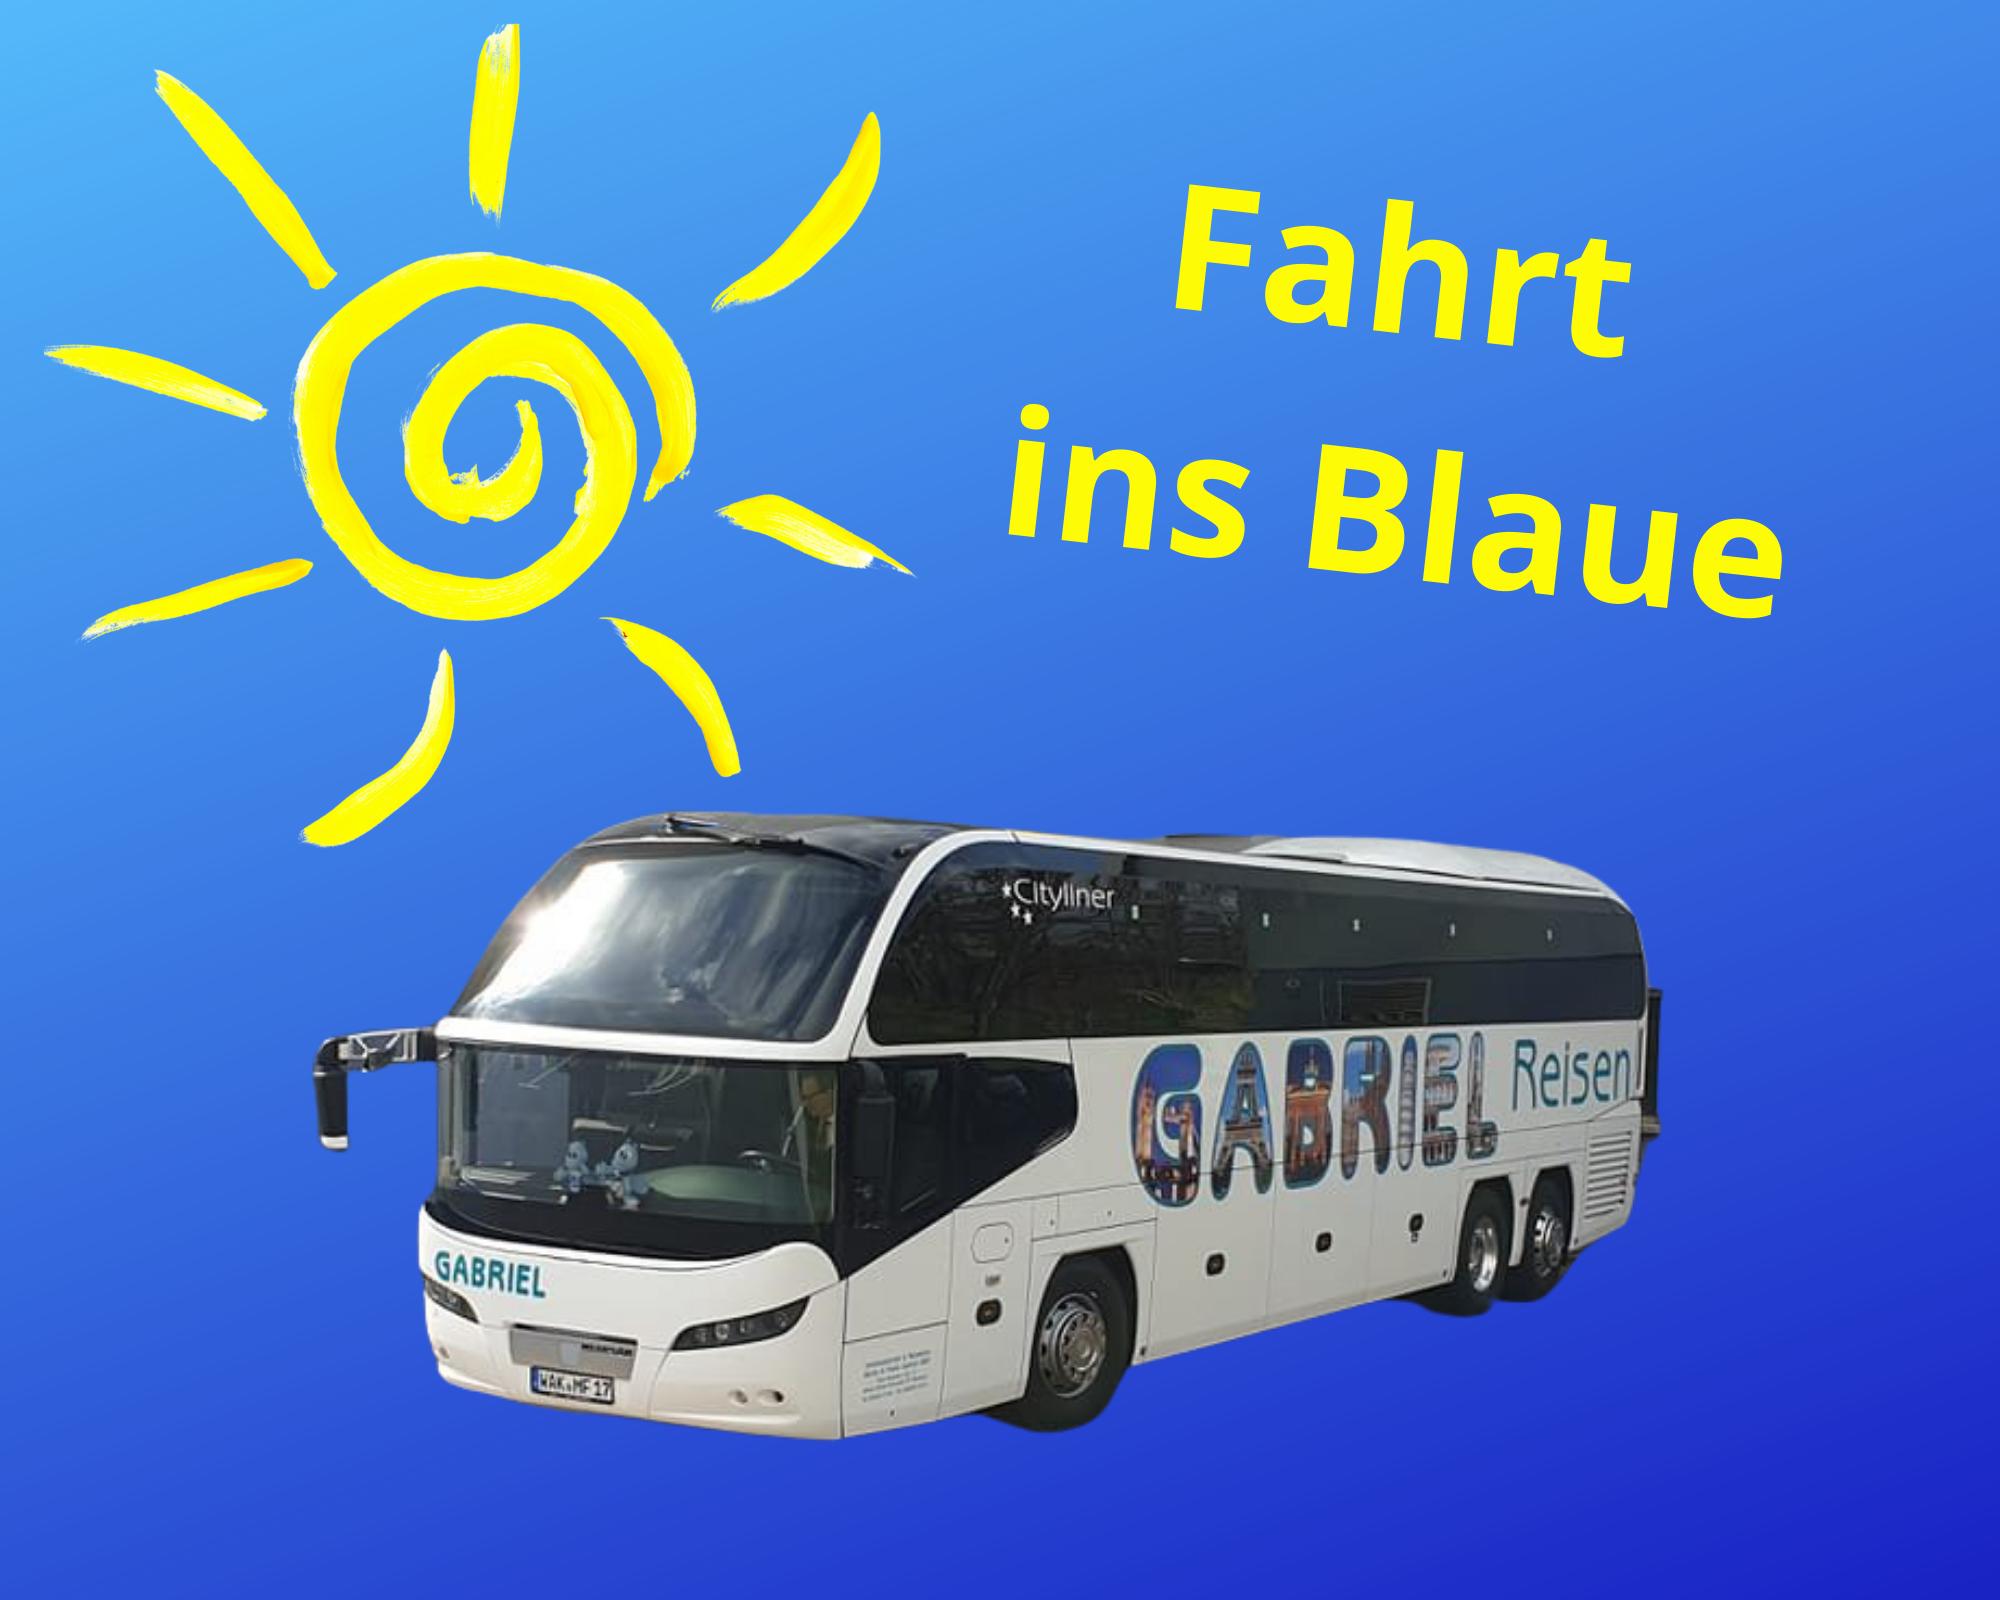 Fahrt ins Blaue vom 15.10.-17.10.2021